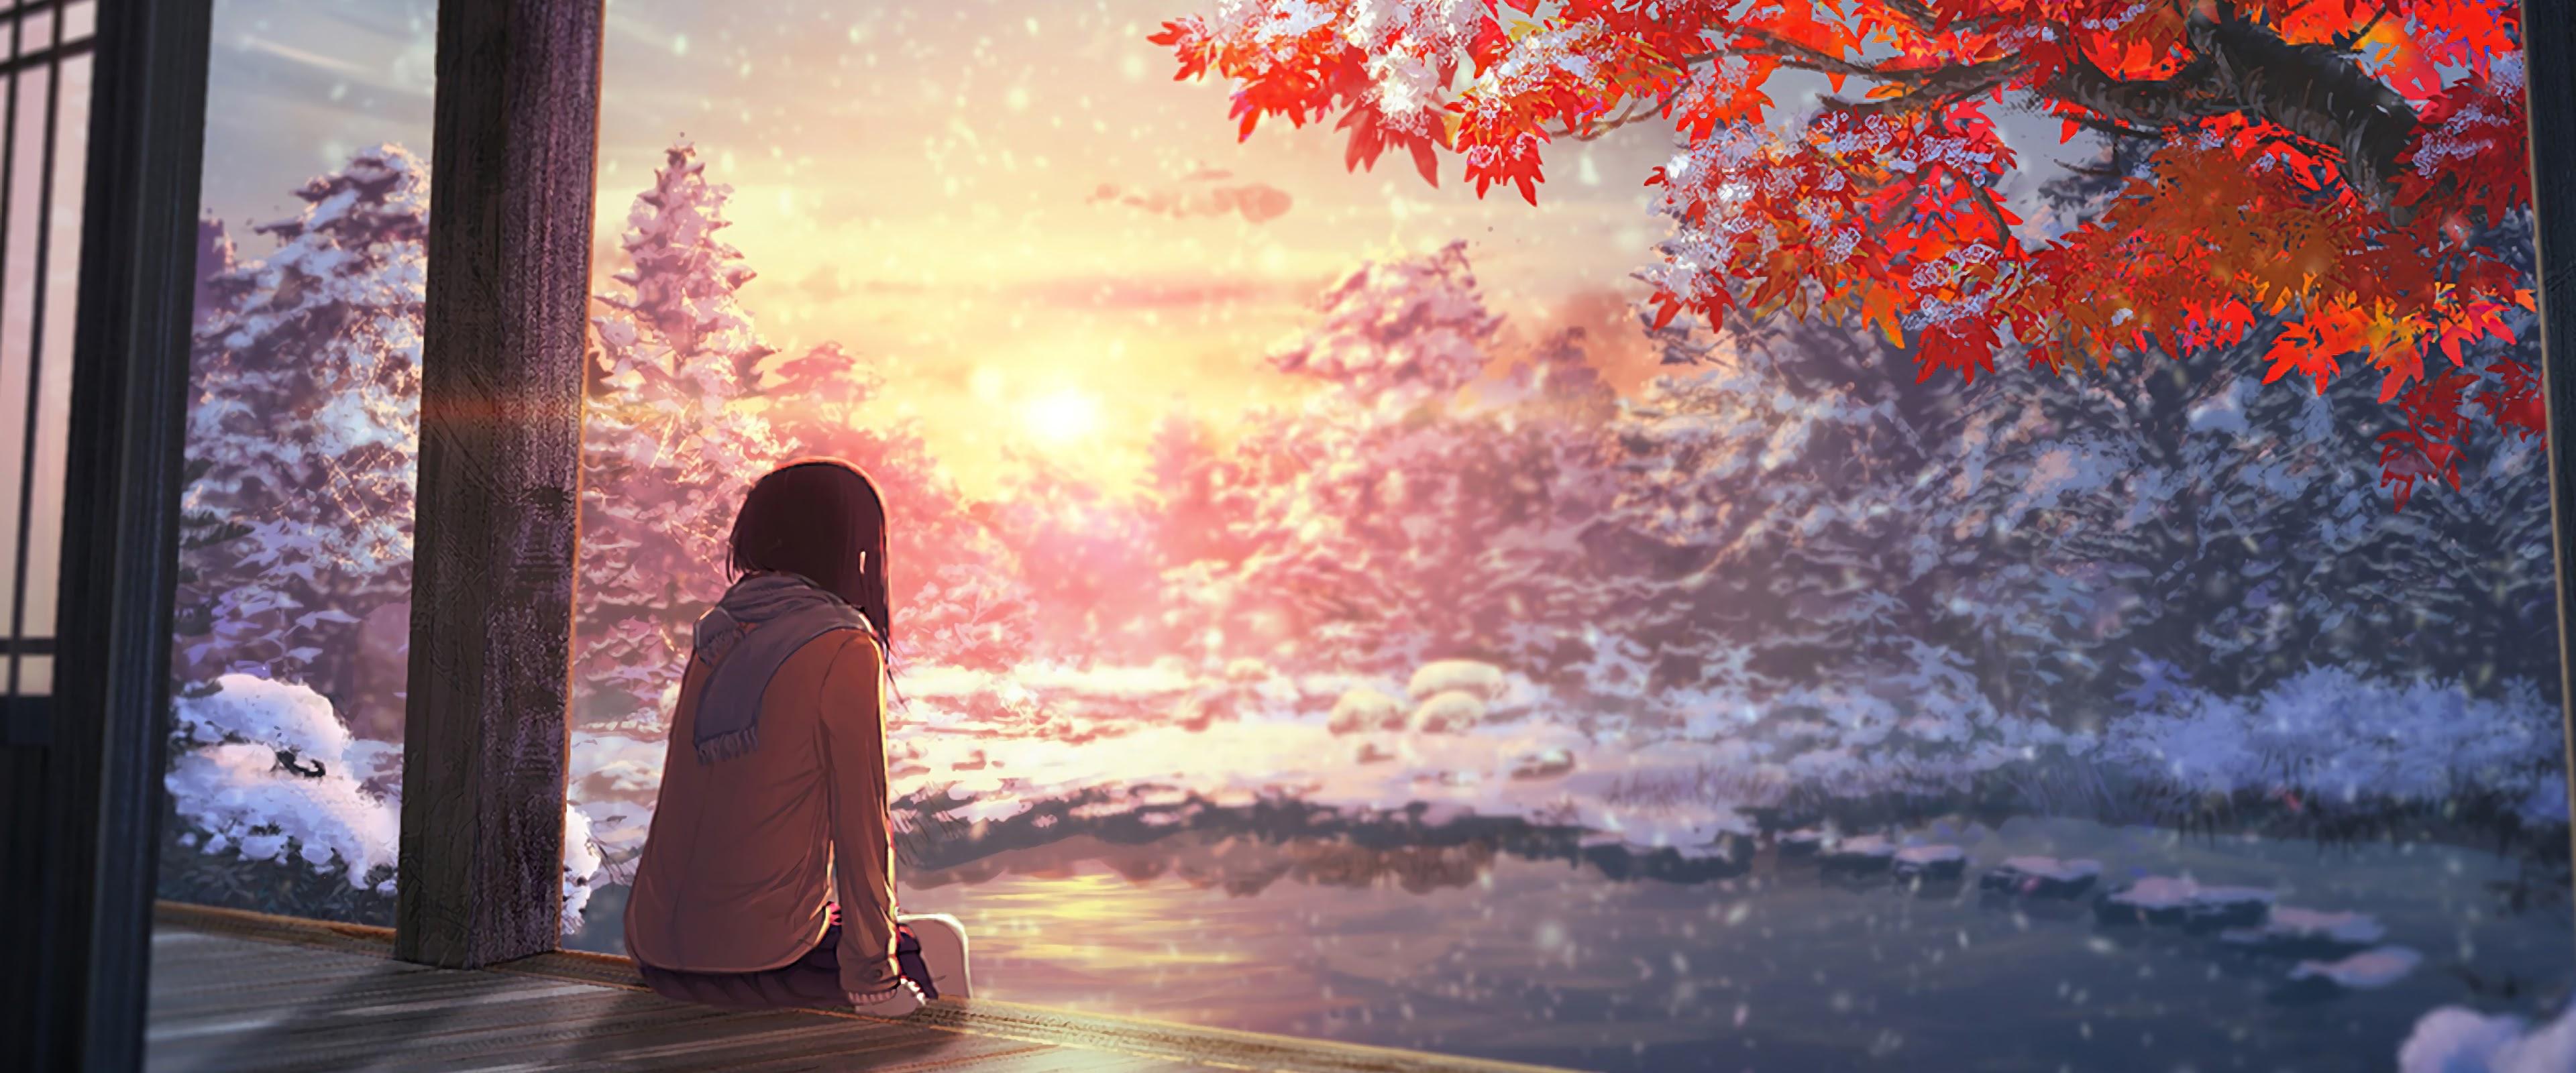 Anime Scenery Autumn Sunset 4k Wallpaper 53